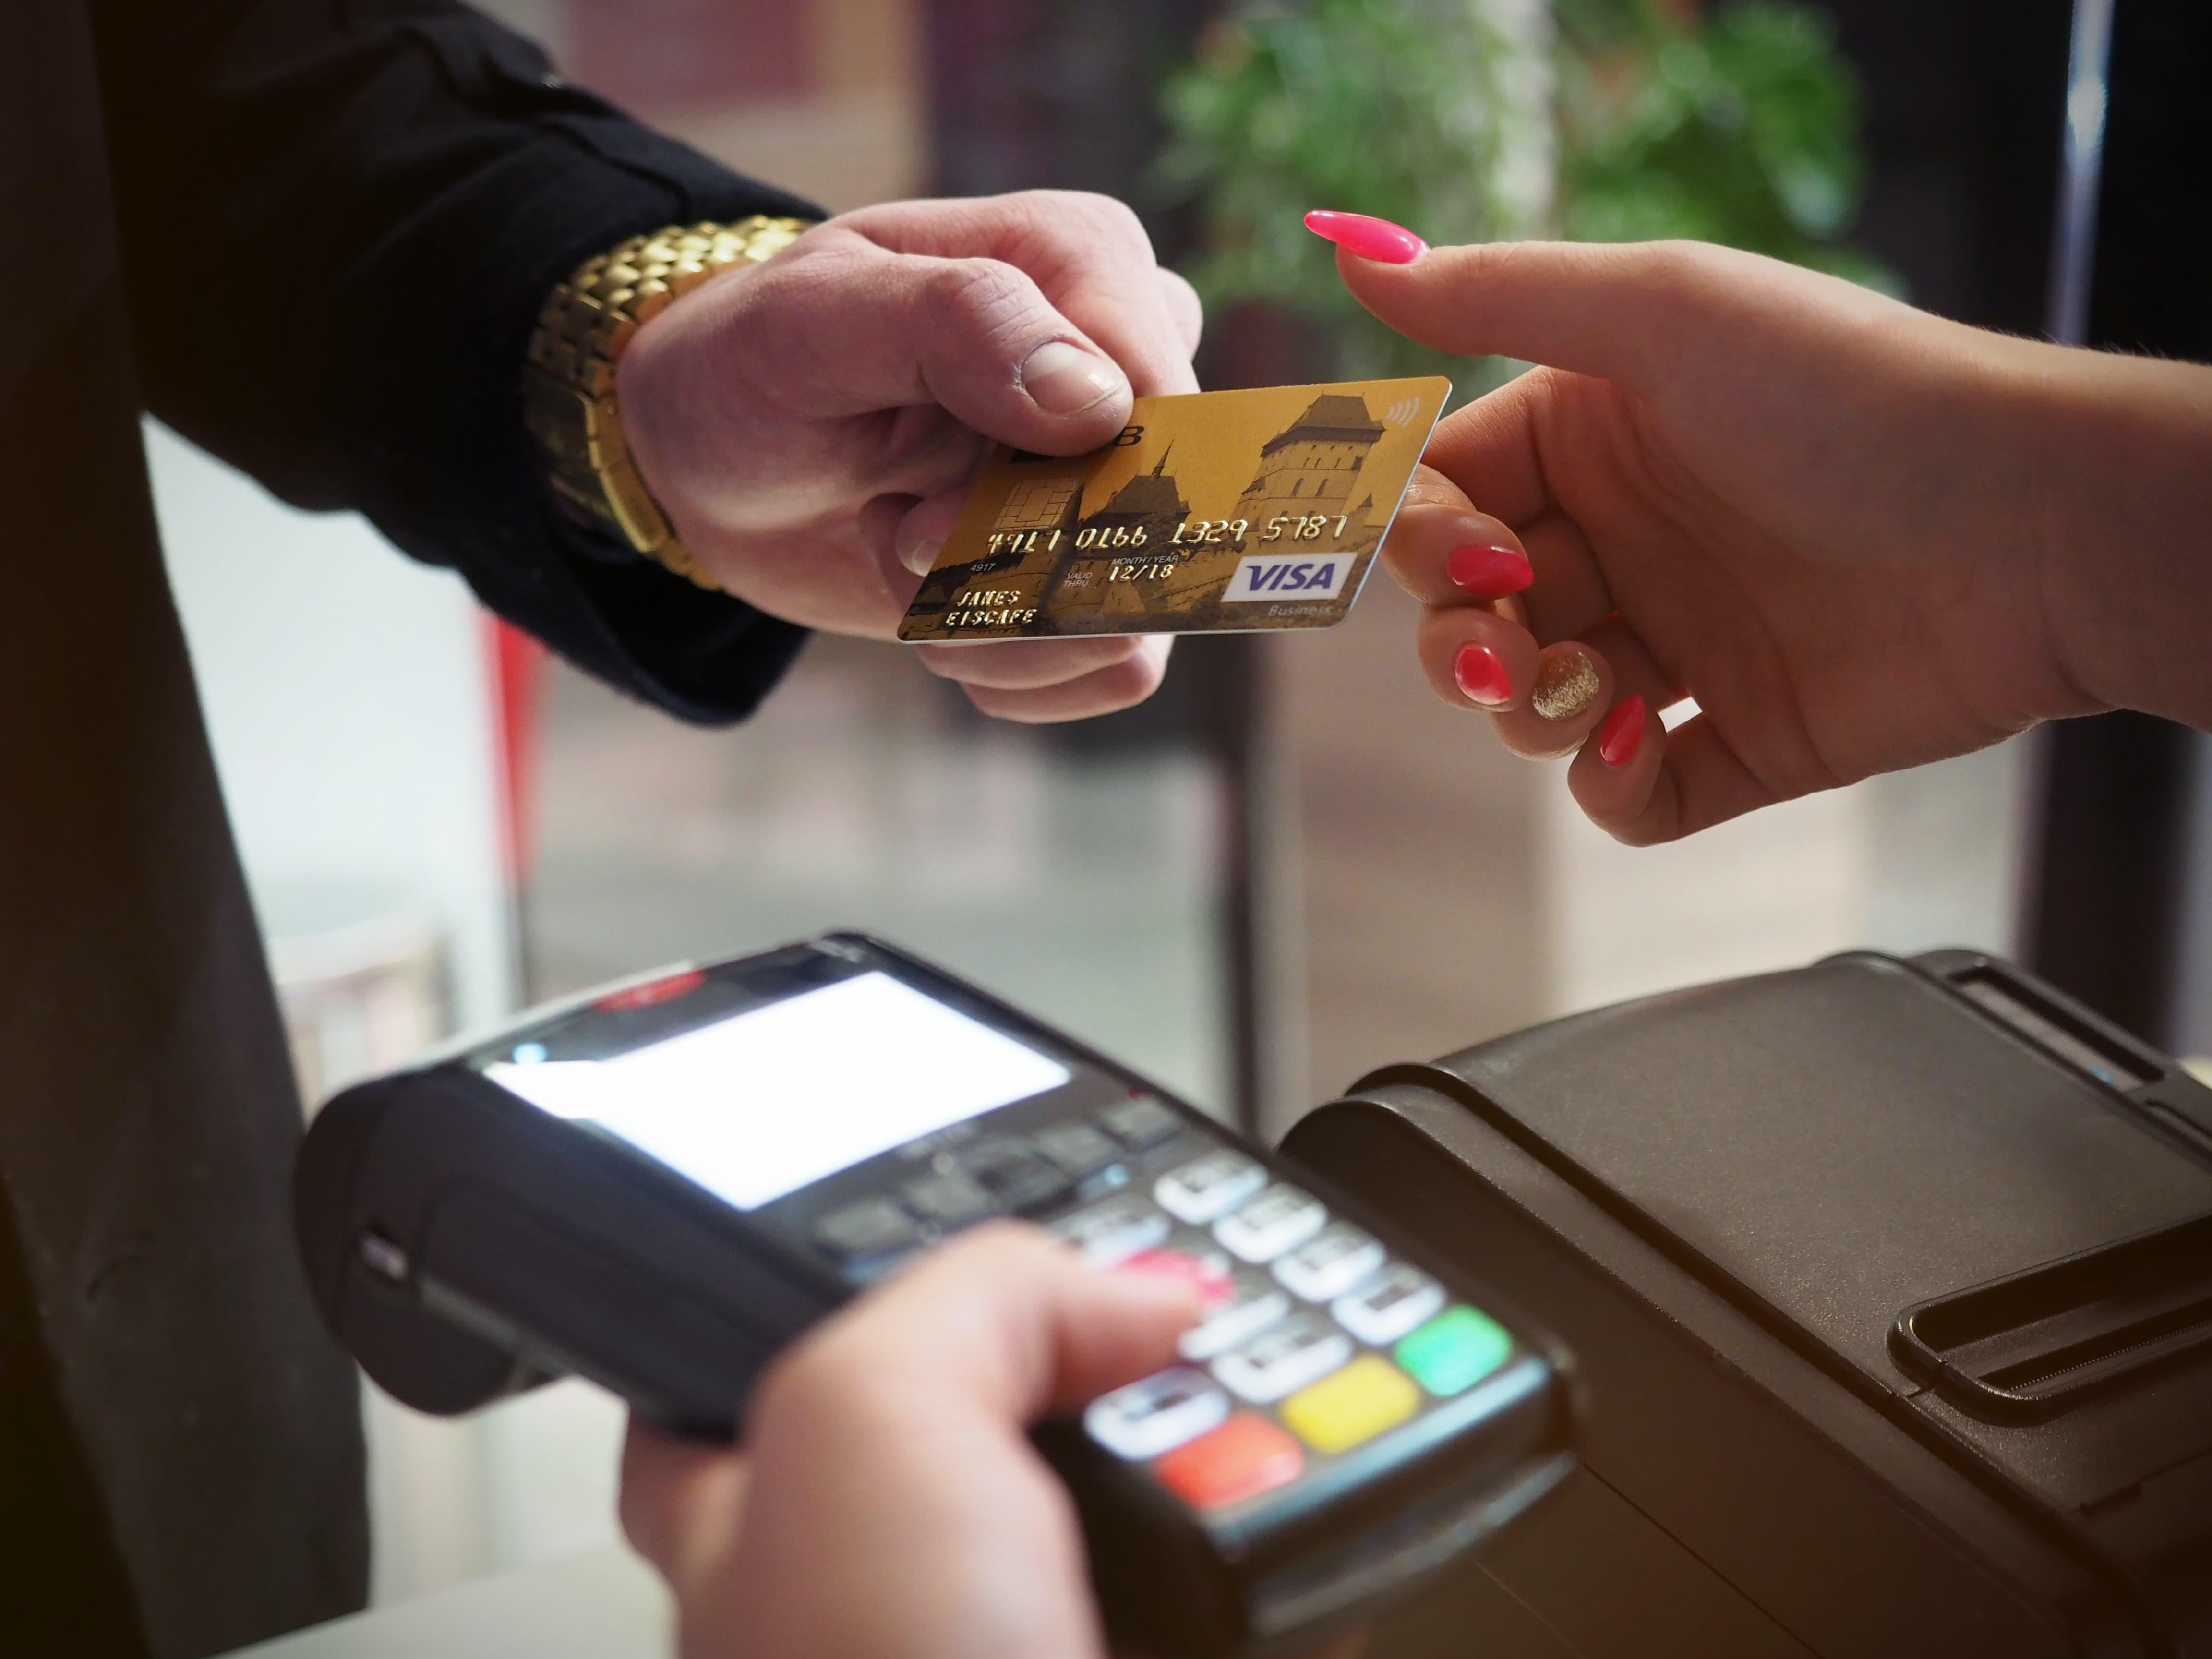 Balcão do Consumidor do Direito da UCPel, O que é o Balcão do Consumidor do Direito da UCPel?